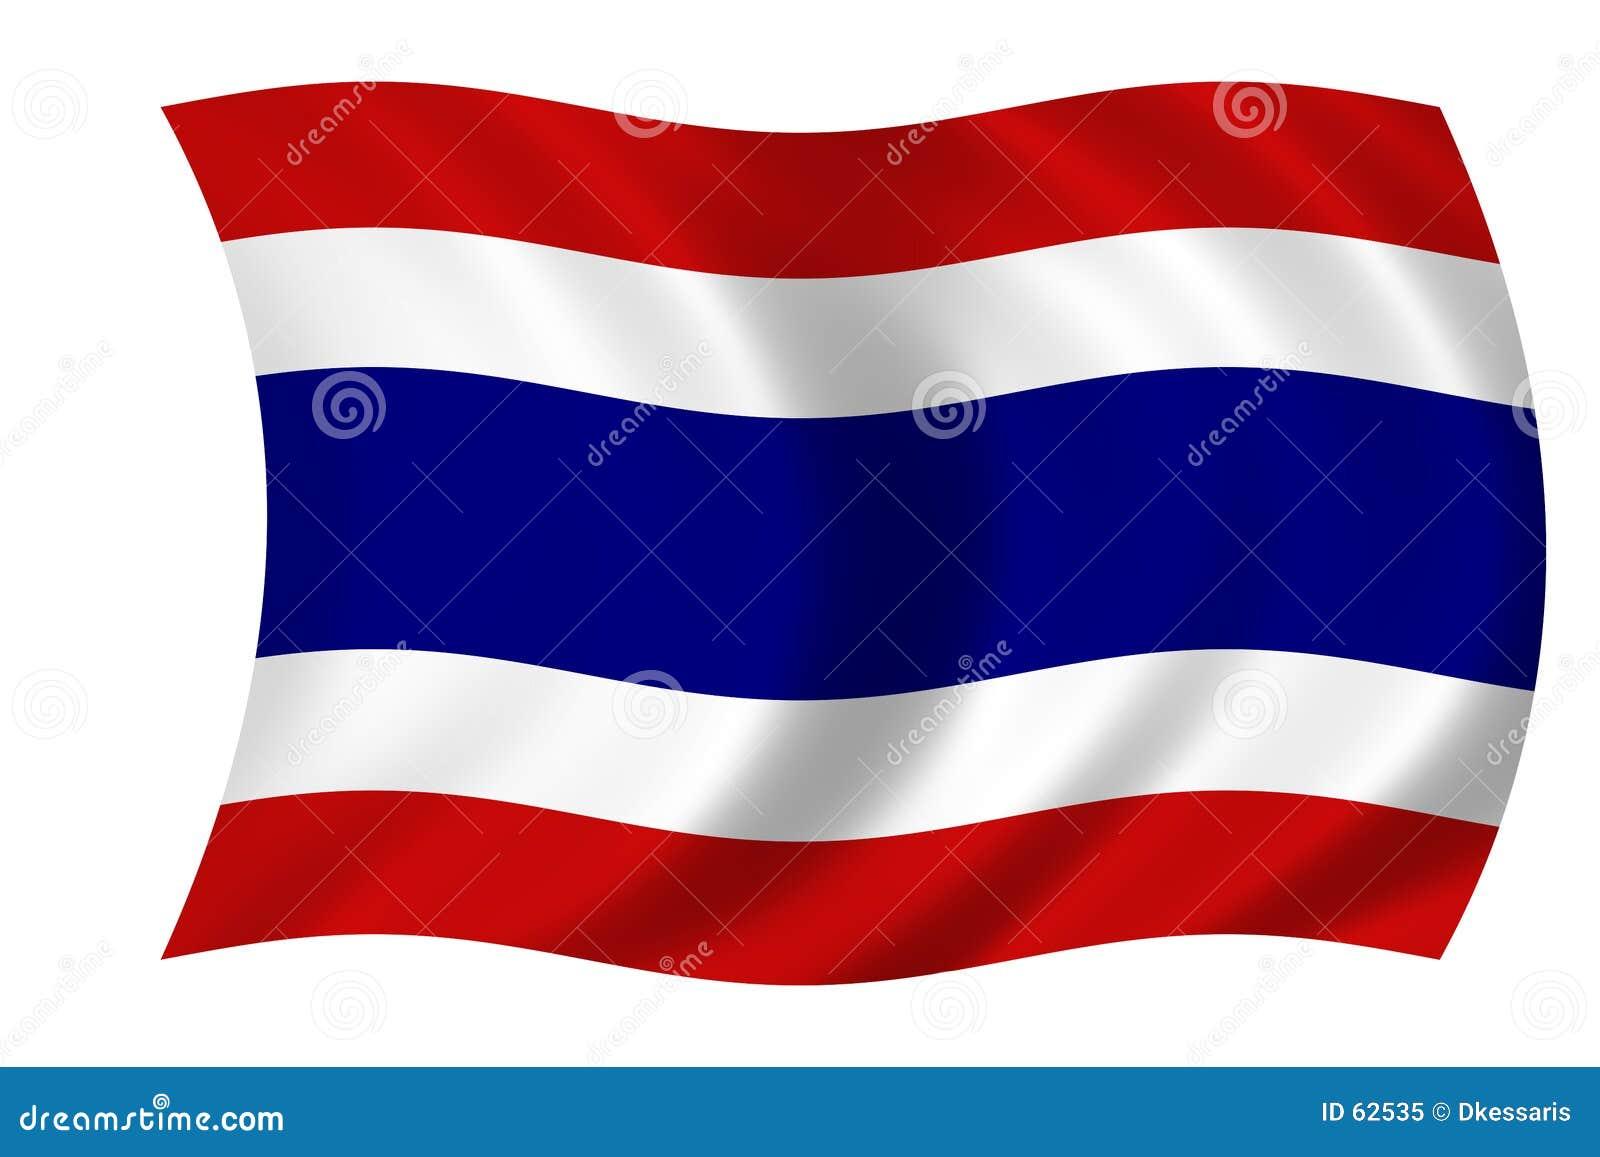 Download Indicateur de la Thaïlande illustration stock. Illustration du asiatique - 62535